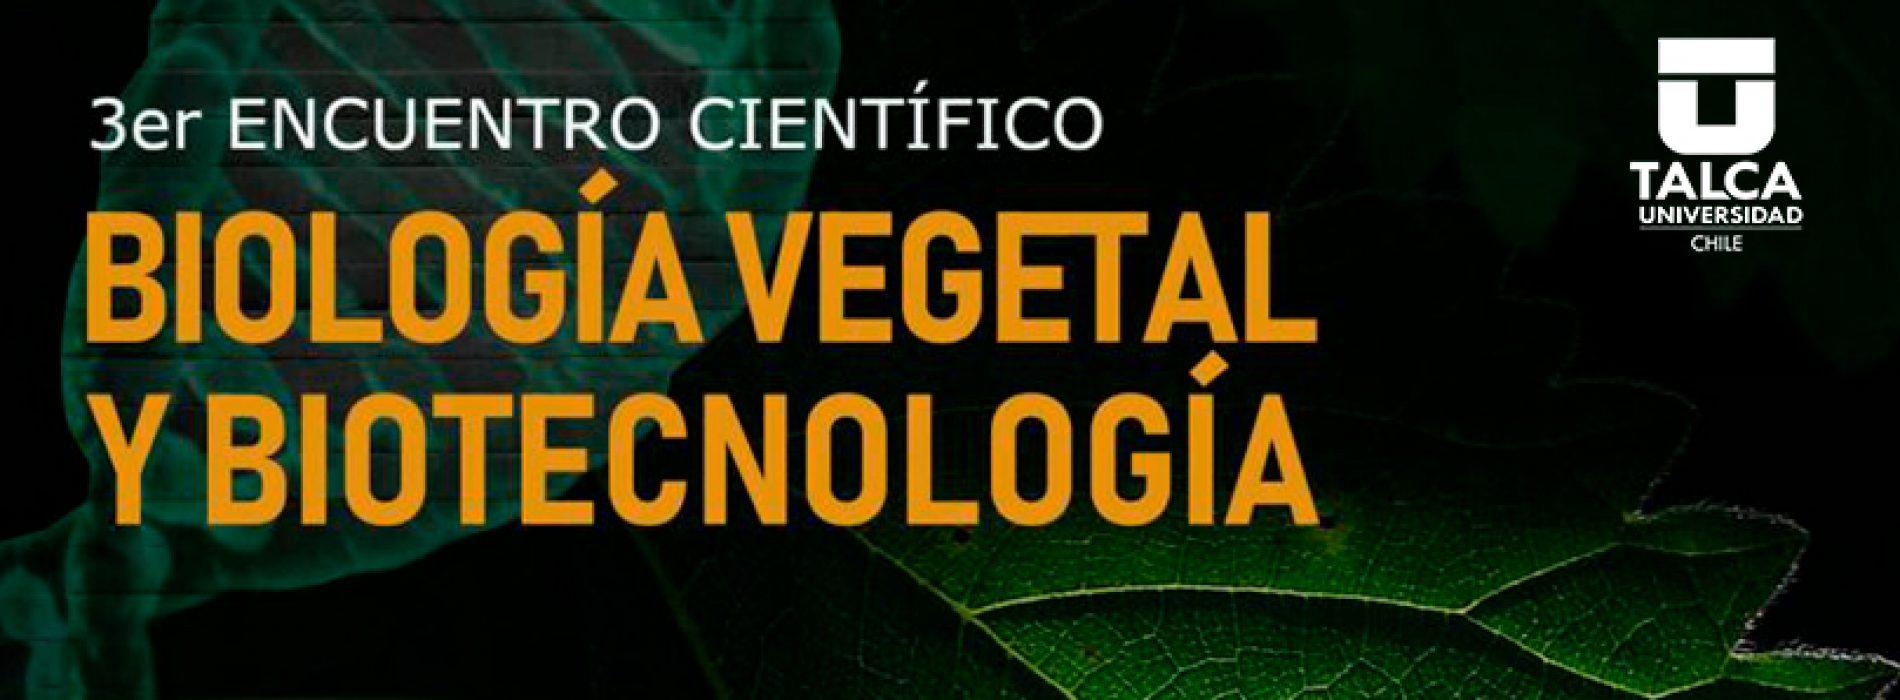 3er Encuentro Científico Biología Vegetal